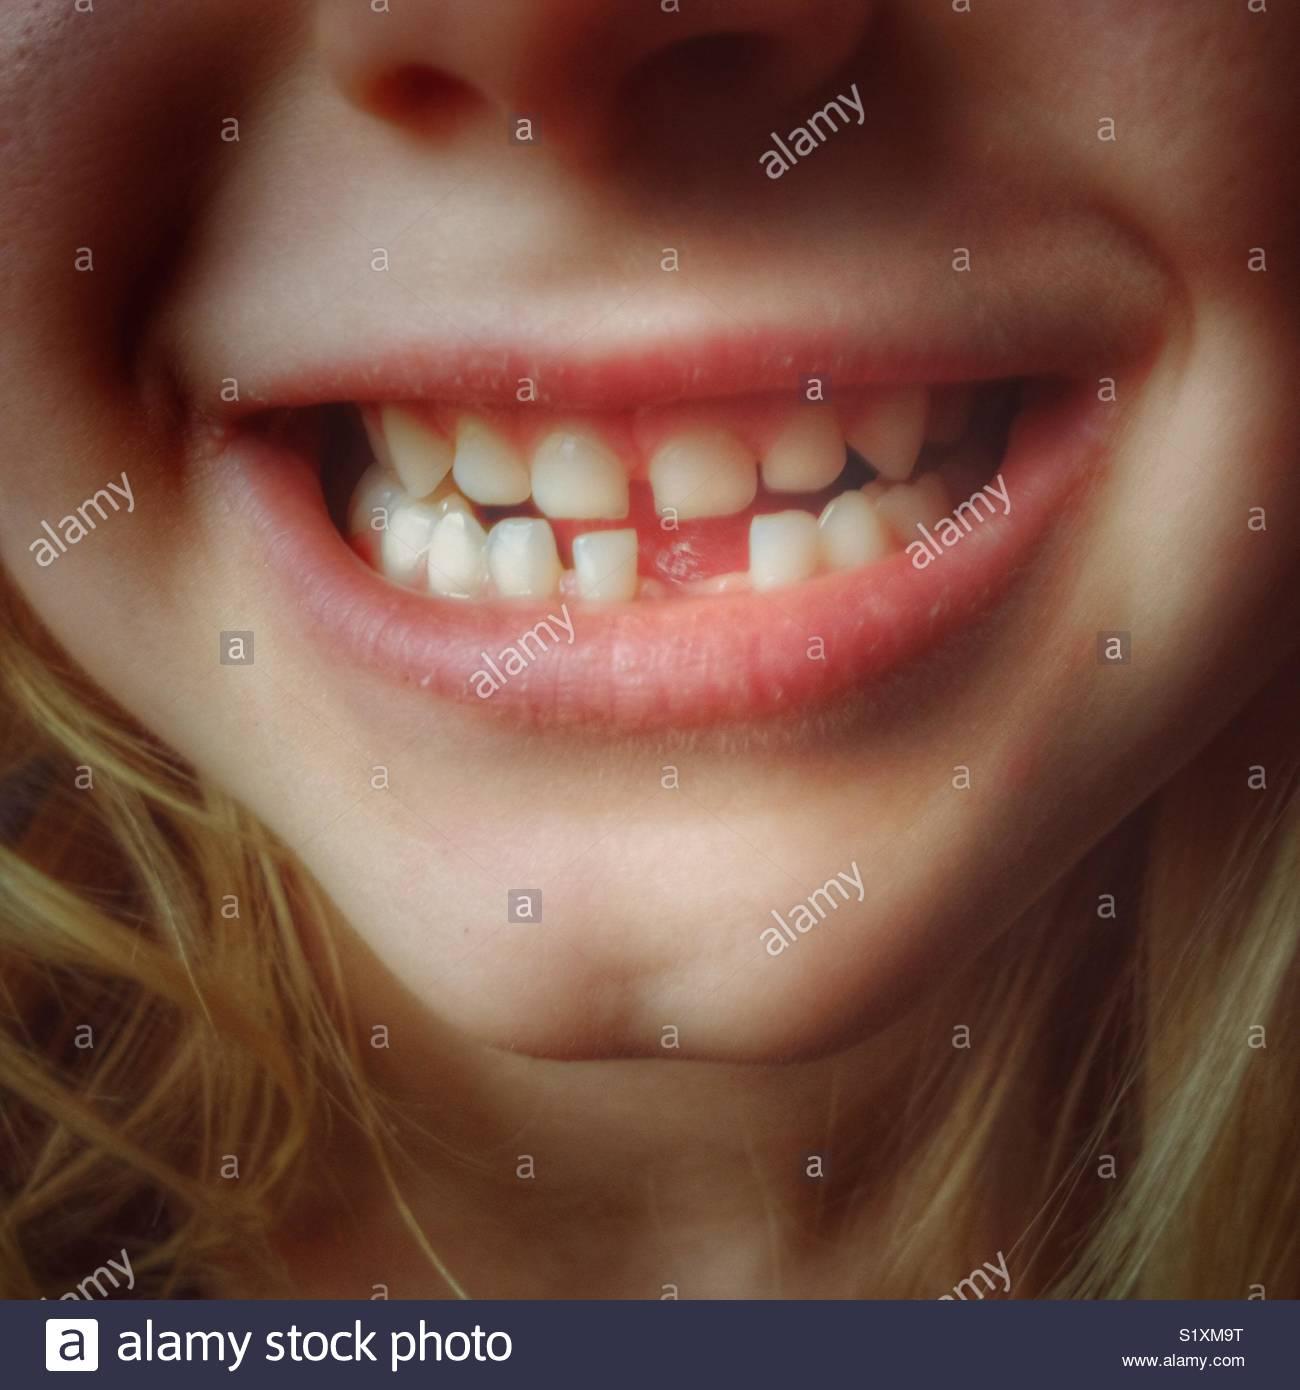 Enfant manquant de dent de devant libre Banque D'Images